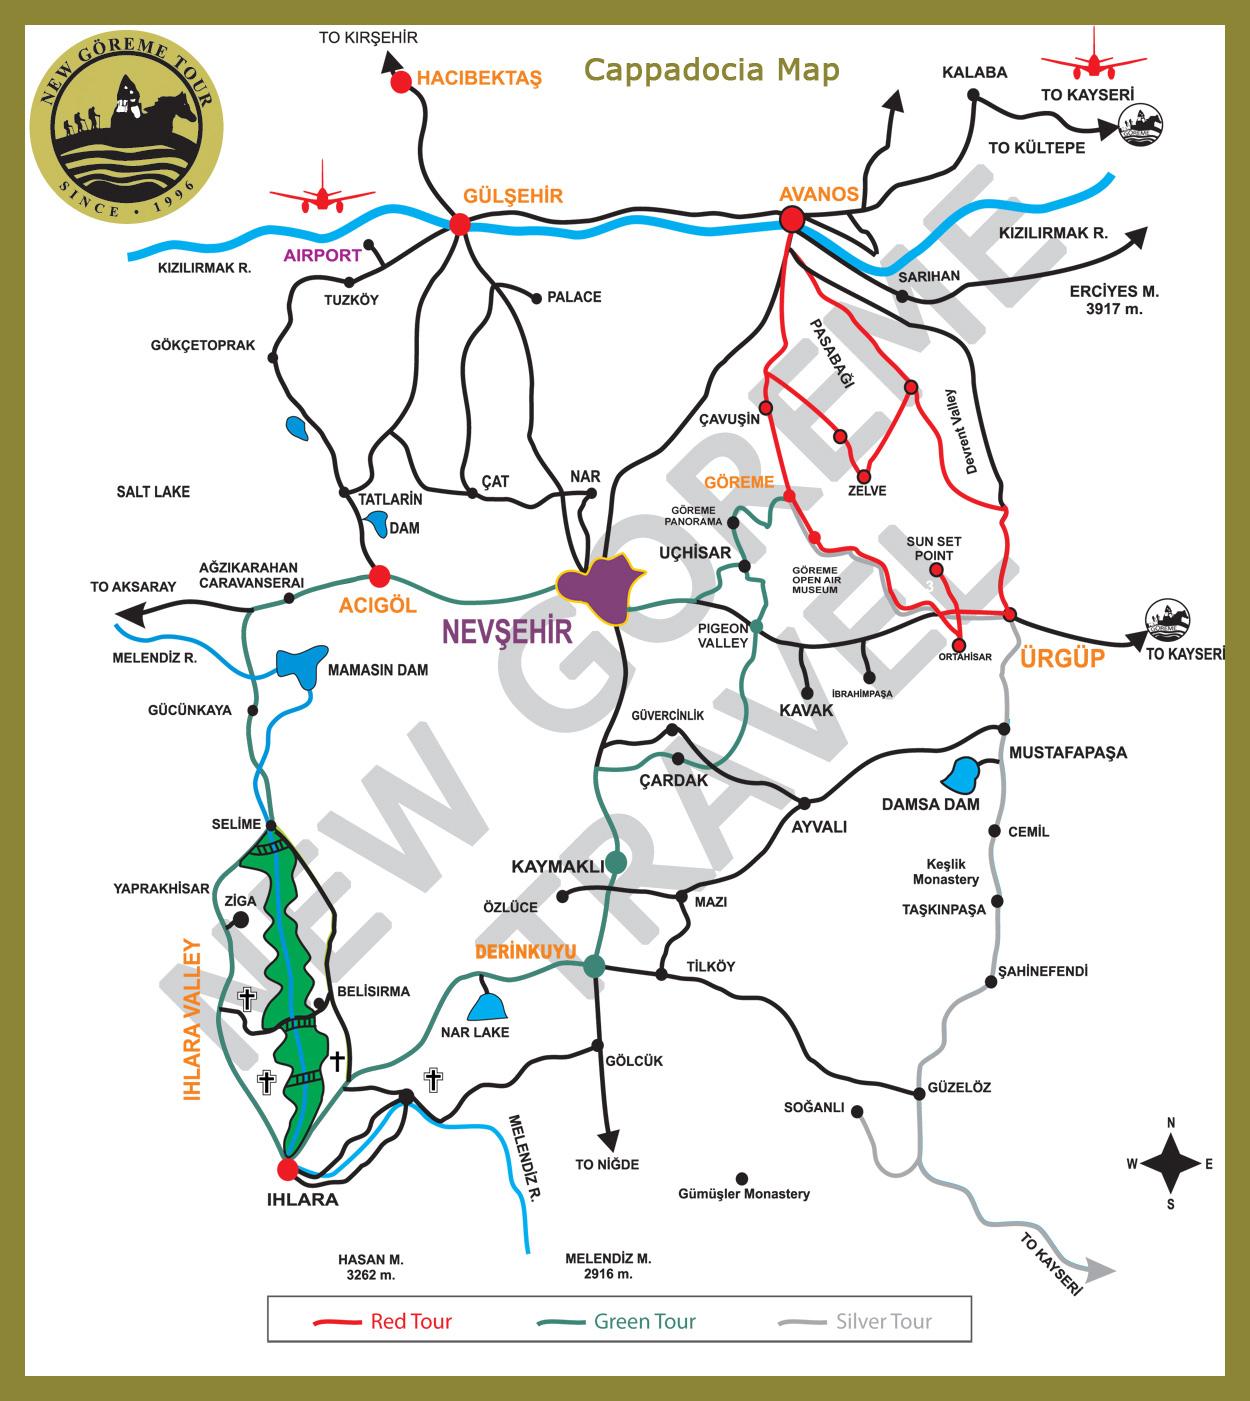 Карта «цветных» туров в Капподокии